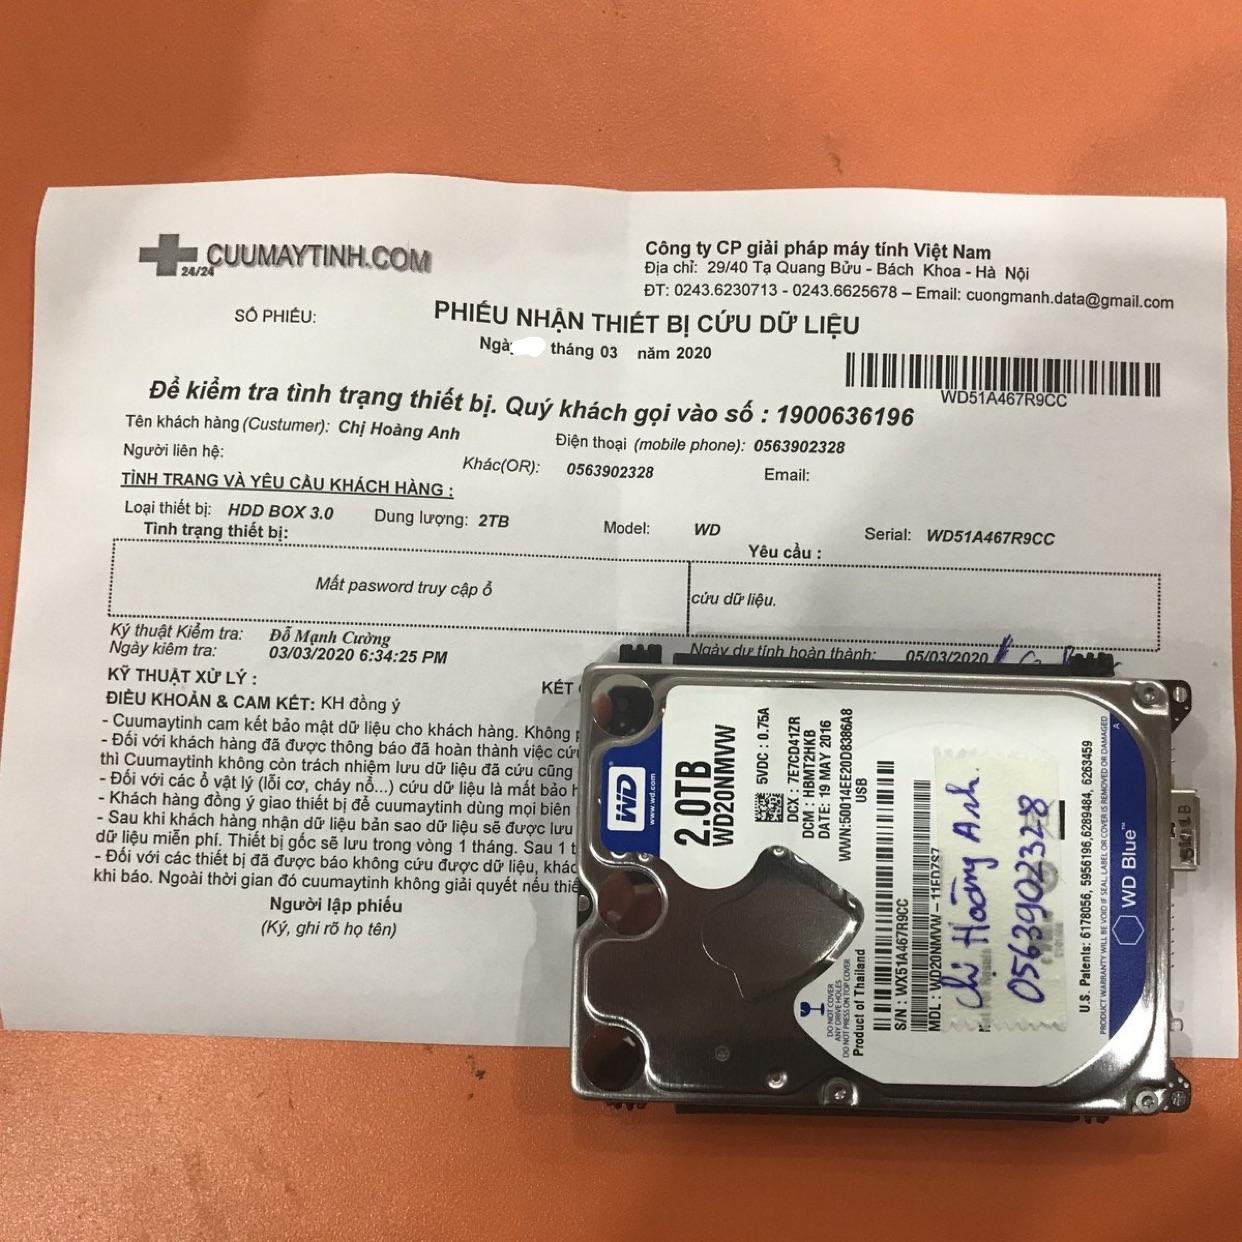 Phục hồi dữ liệu ổ cứng Western 2TB mất password 03/03/2020 - cuumaytinh